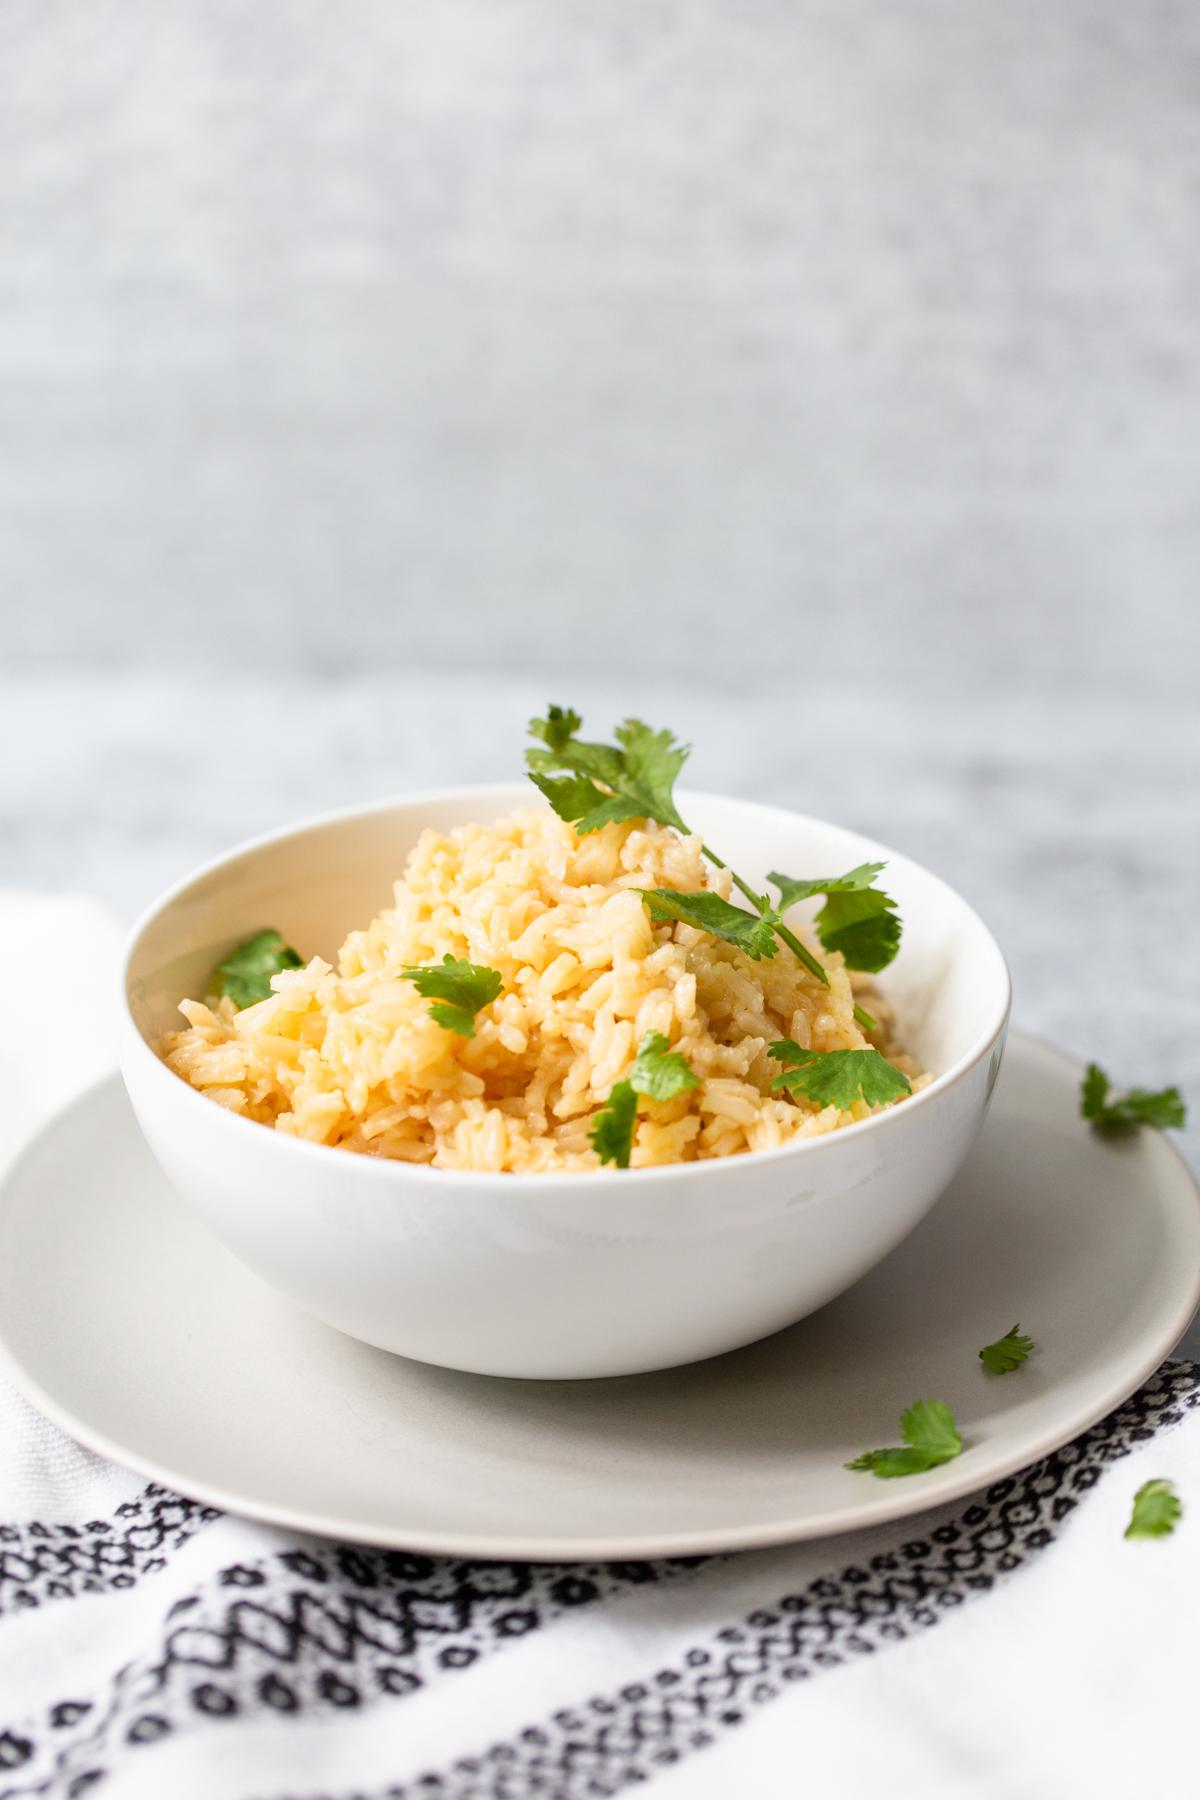 peri-peri rice topped with cilantro